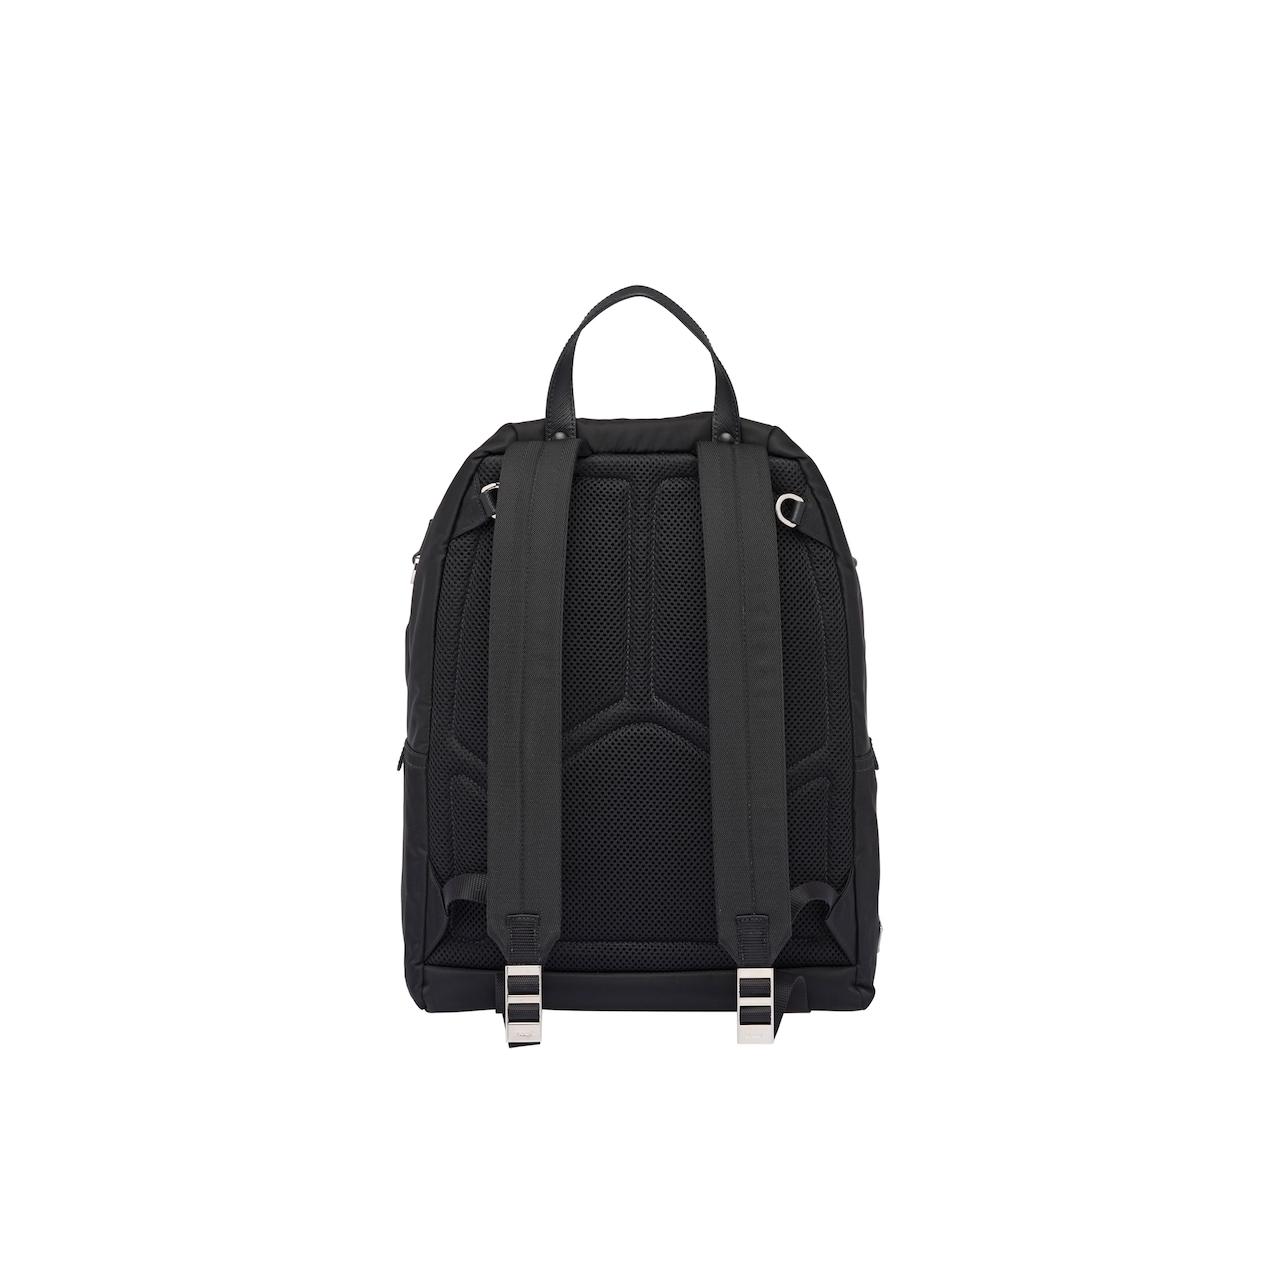 Prada Technical fabric backpack 4